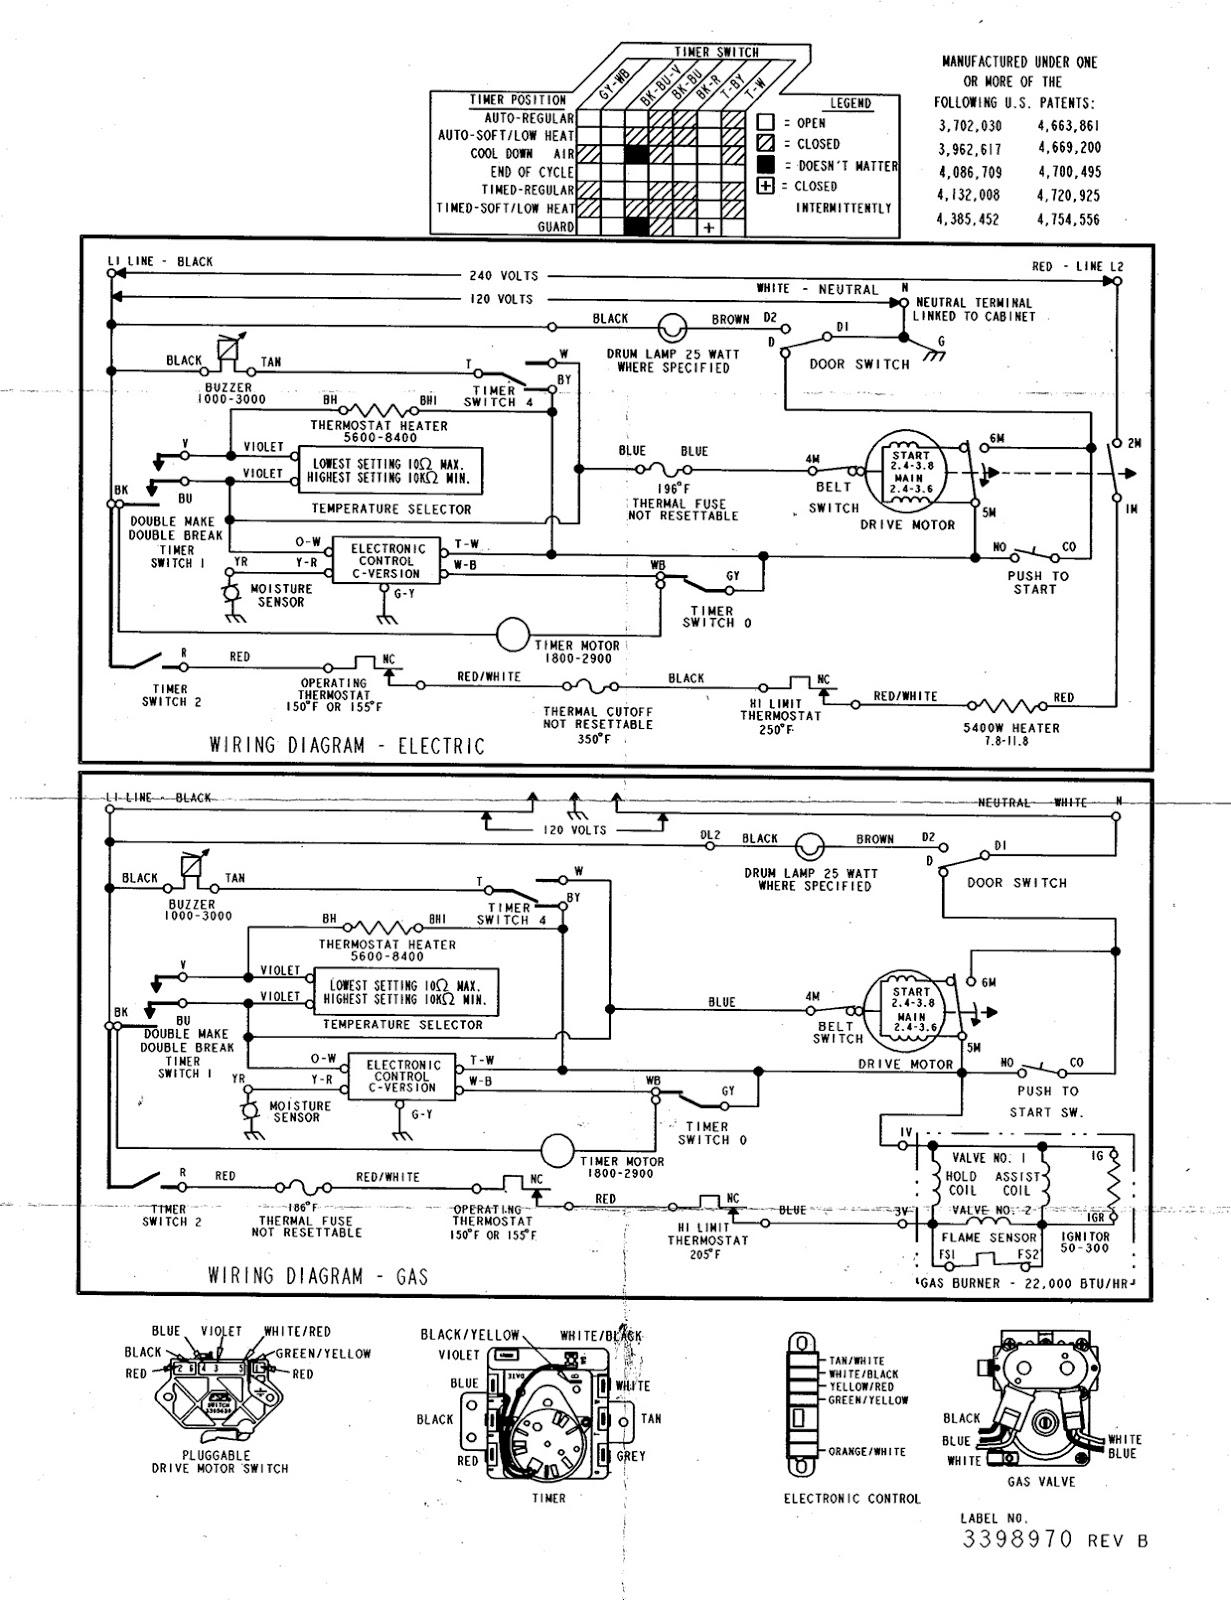 Kenmore Dryer Wiring Diagram On Kenmore Gas Dryer Wiring Diagram In